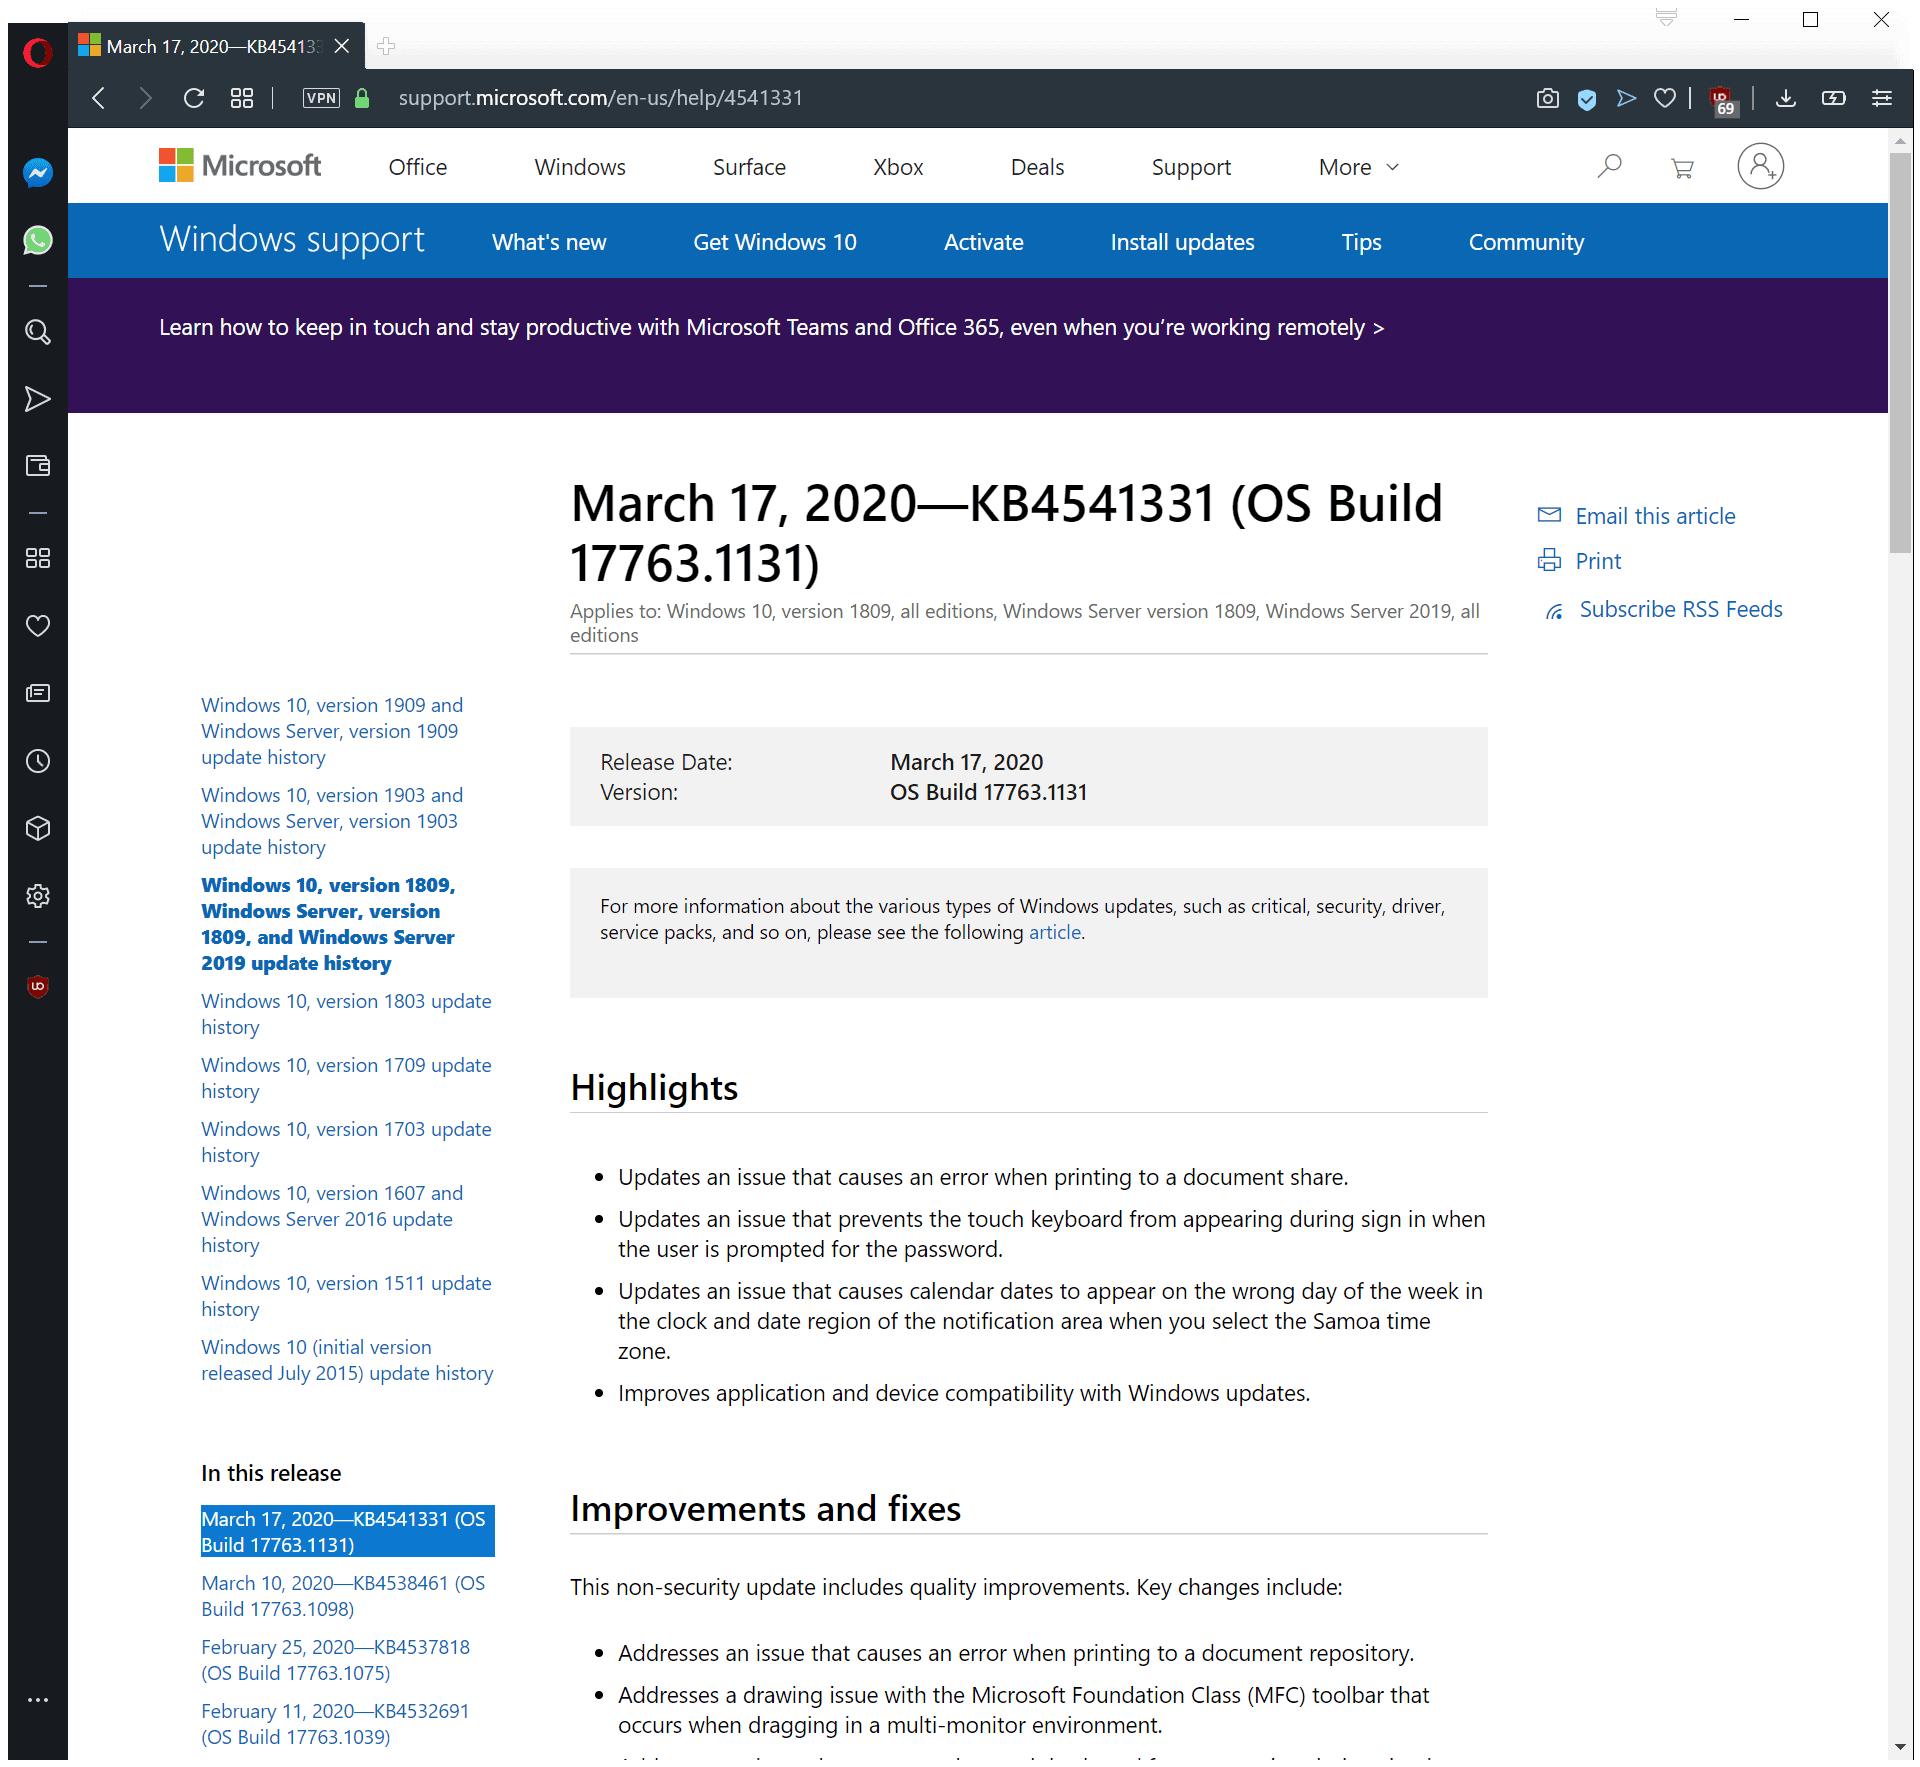 Windows 10 updates KB4541329, KB4541330, KB4541331 and KB4541333